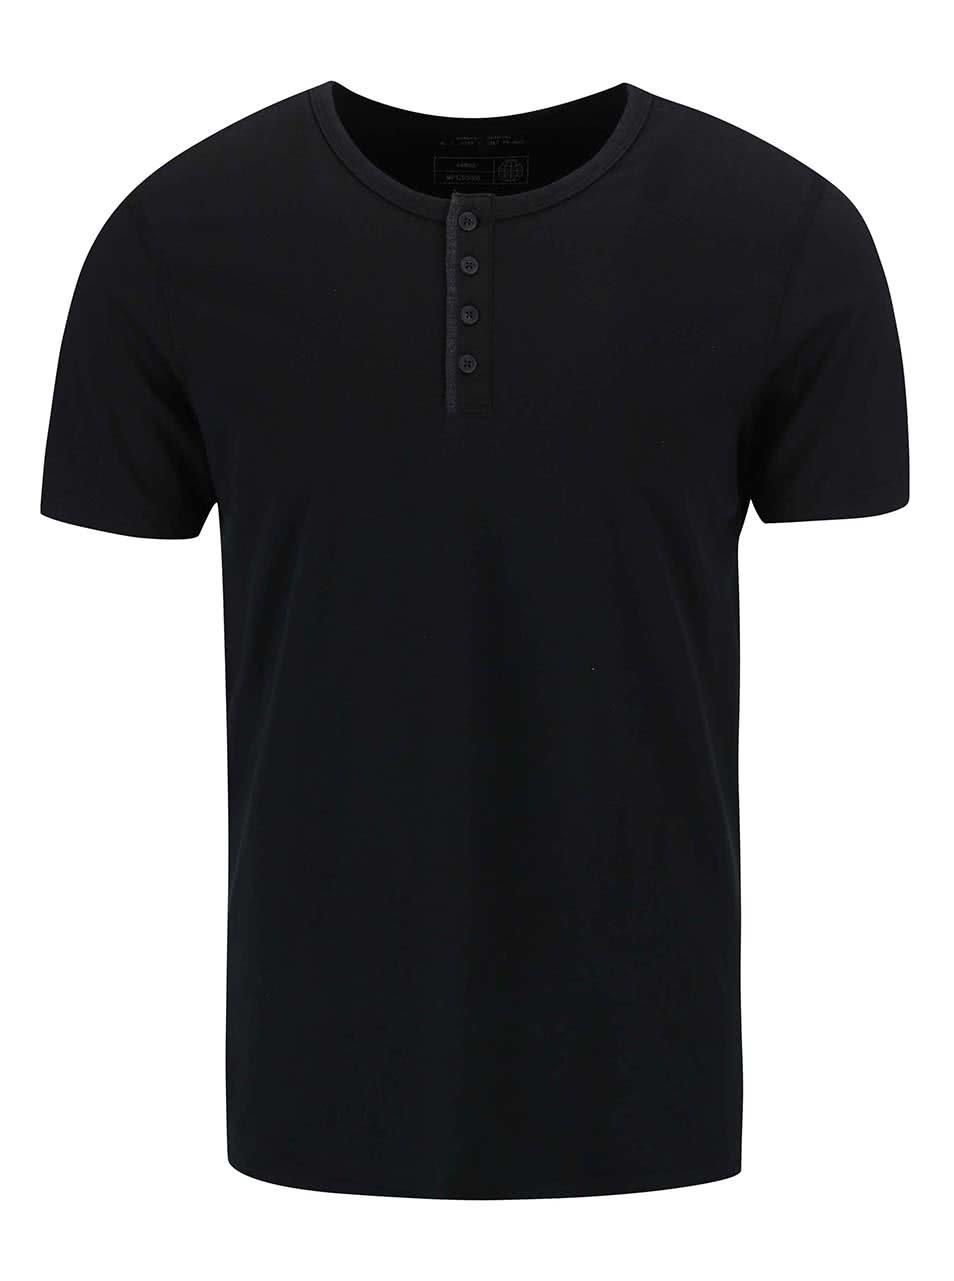 Černé triko s knoflíky Blend